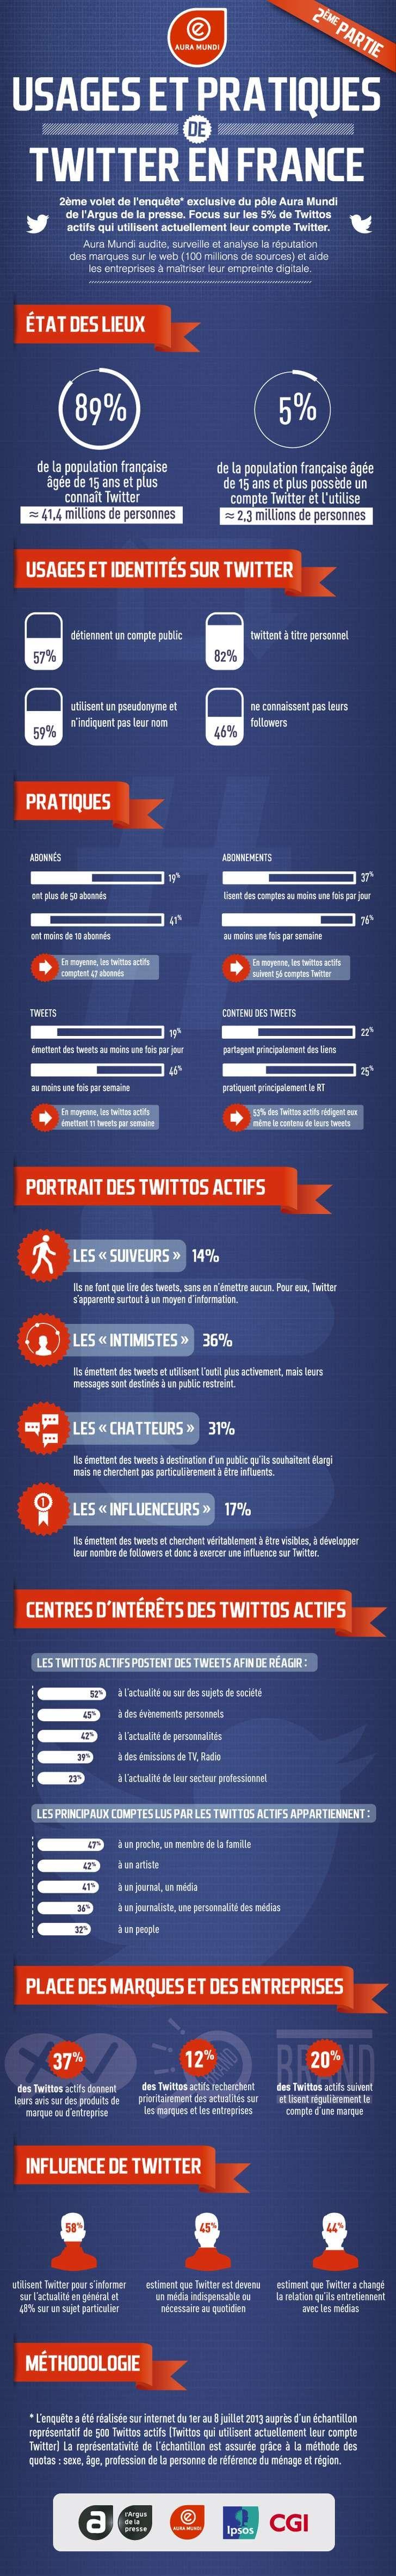 Infographie : qui sont les twittos français actifs ? - Konbini